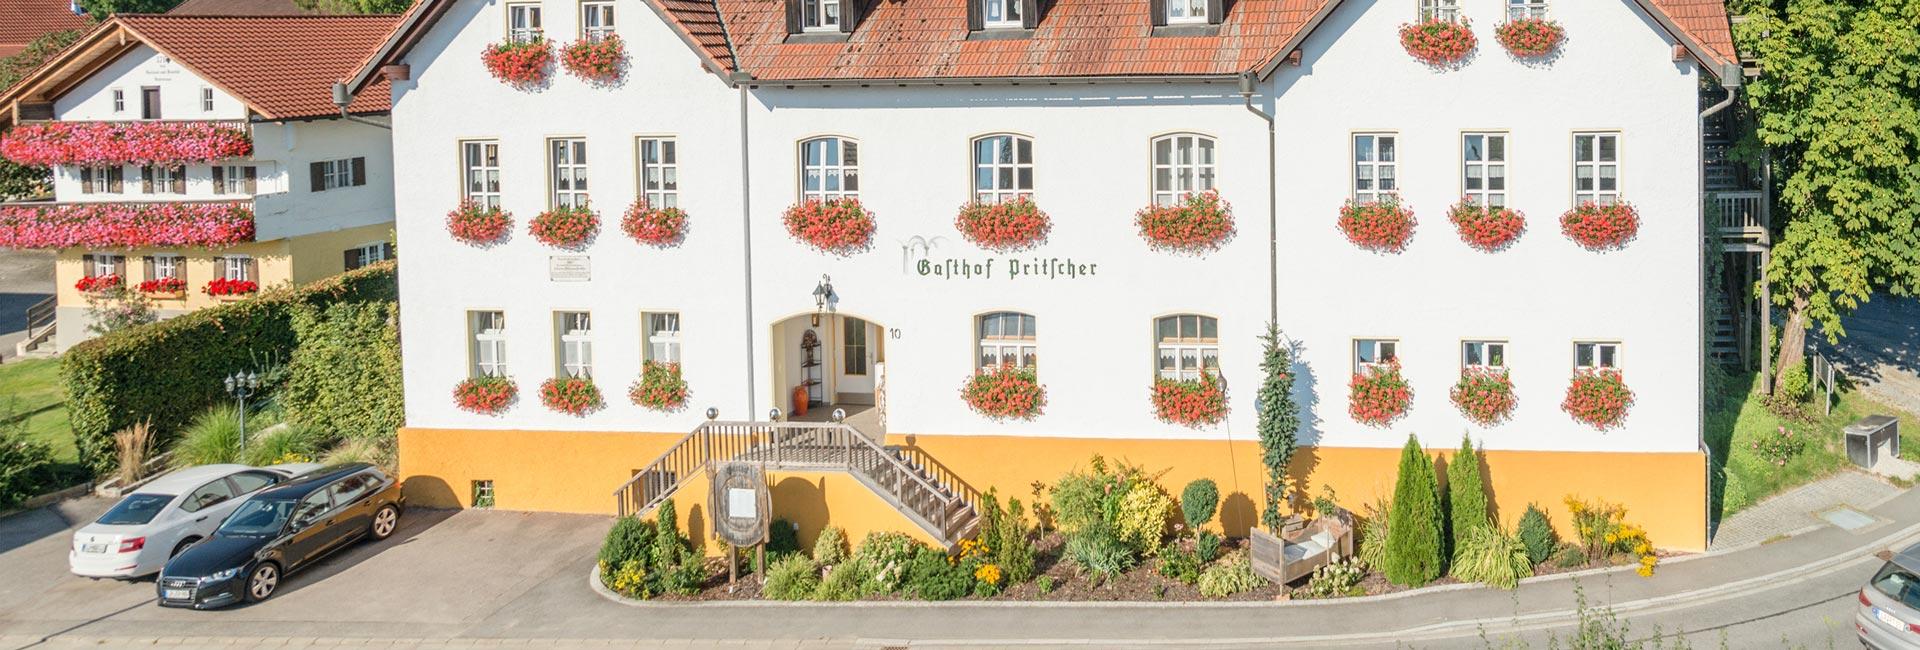 Pritscher Hotel und Gasthof in Bayerbach